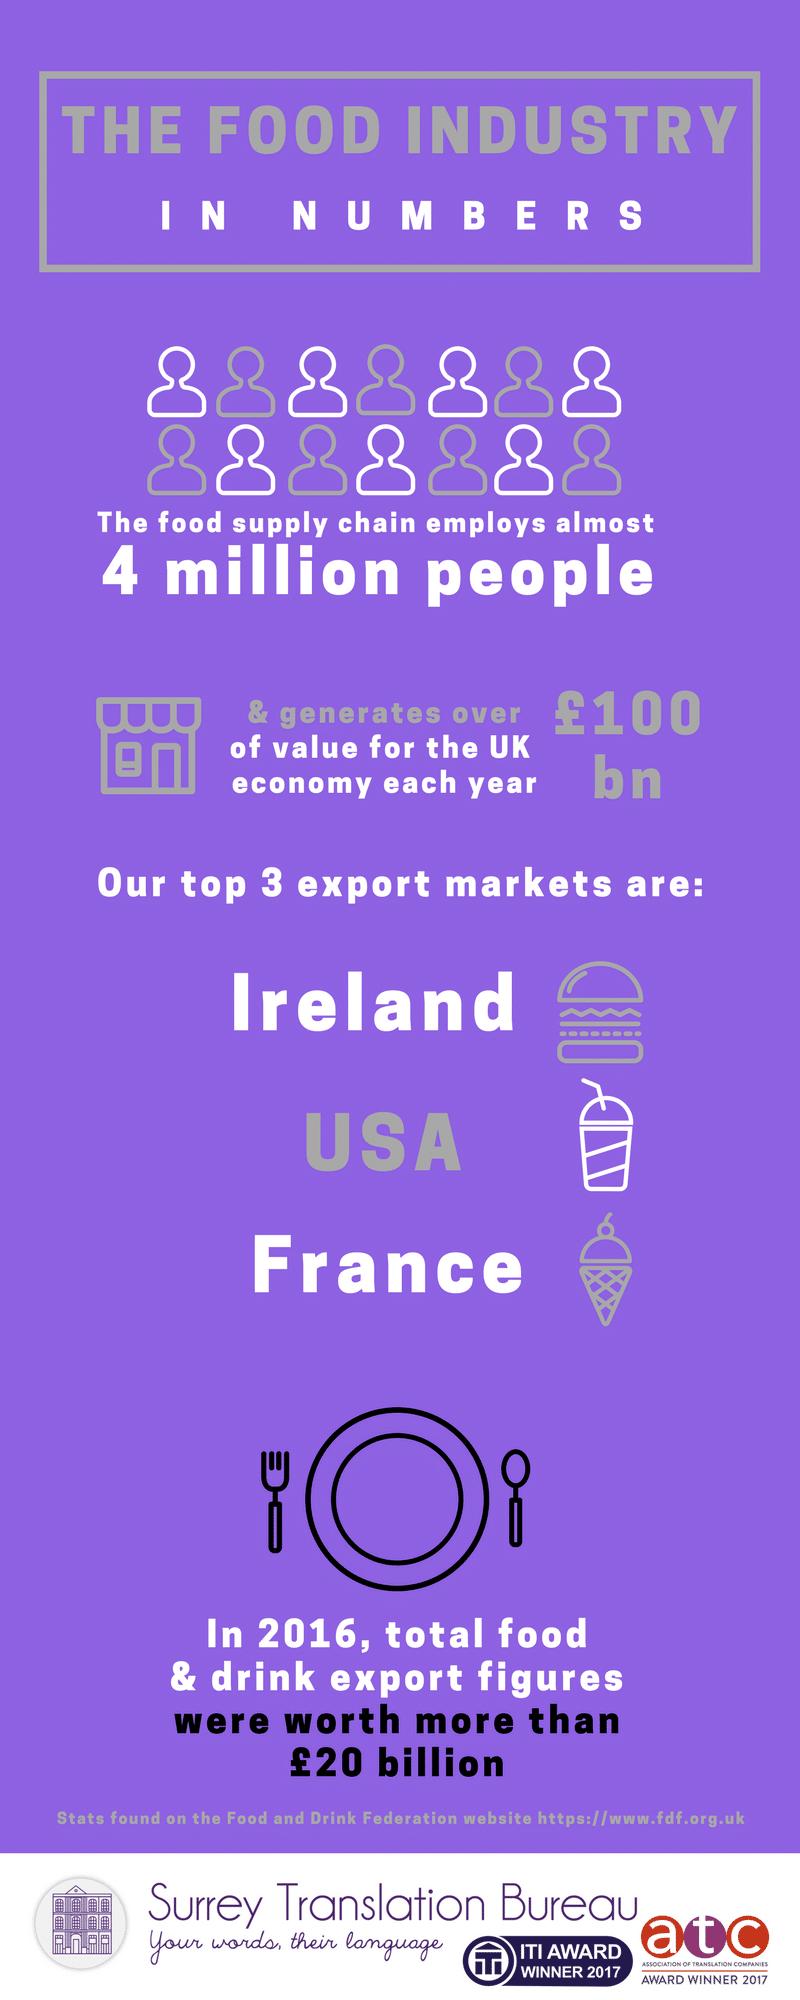 UK food industry export figures